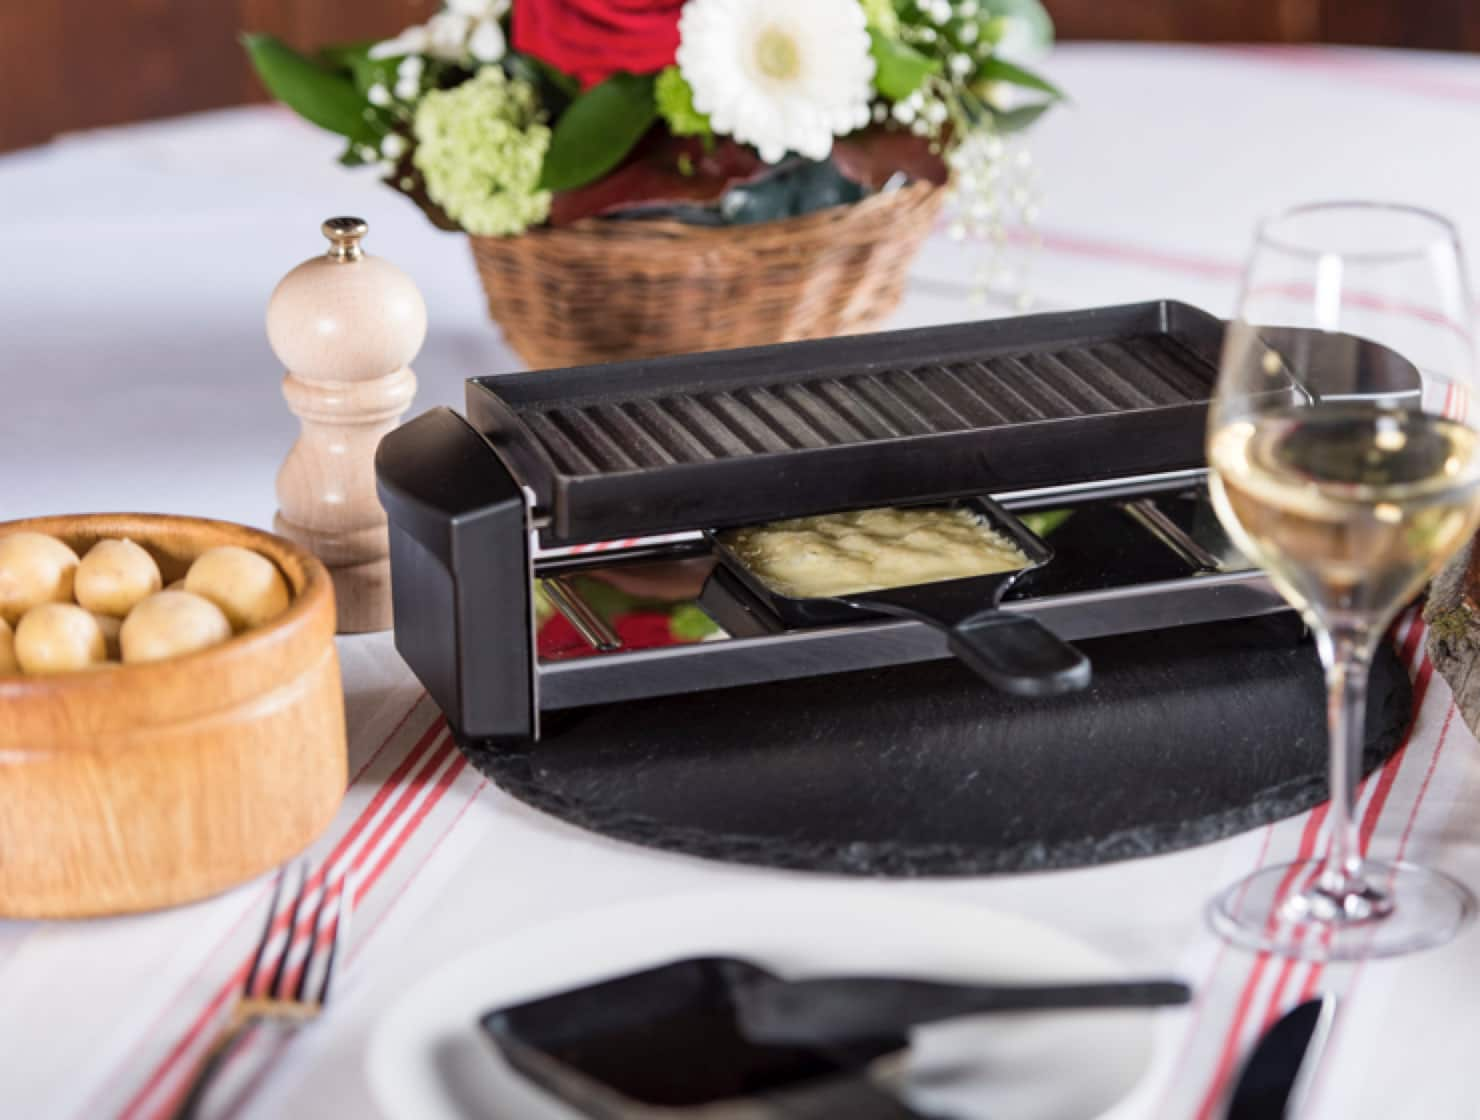 Restaurant le museum - Banquet Menu Raclette